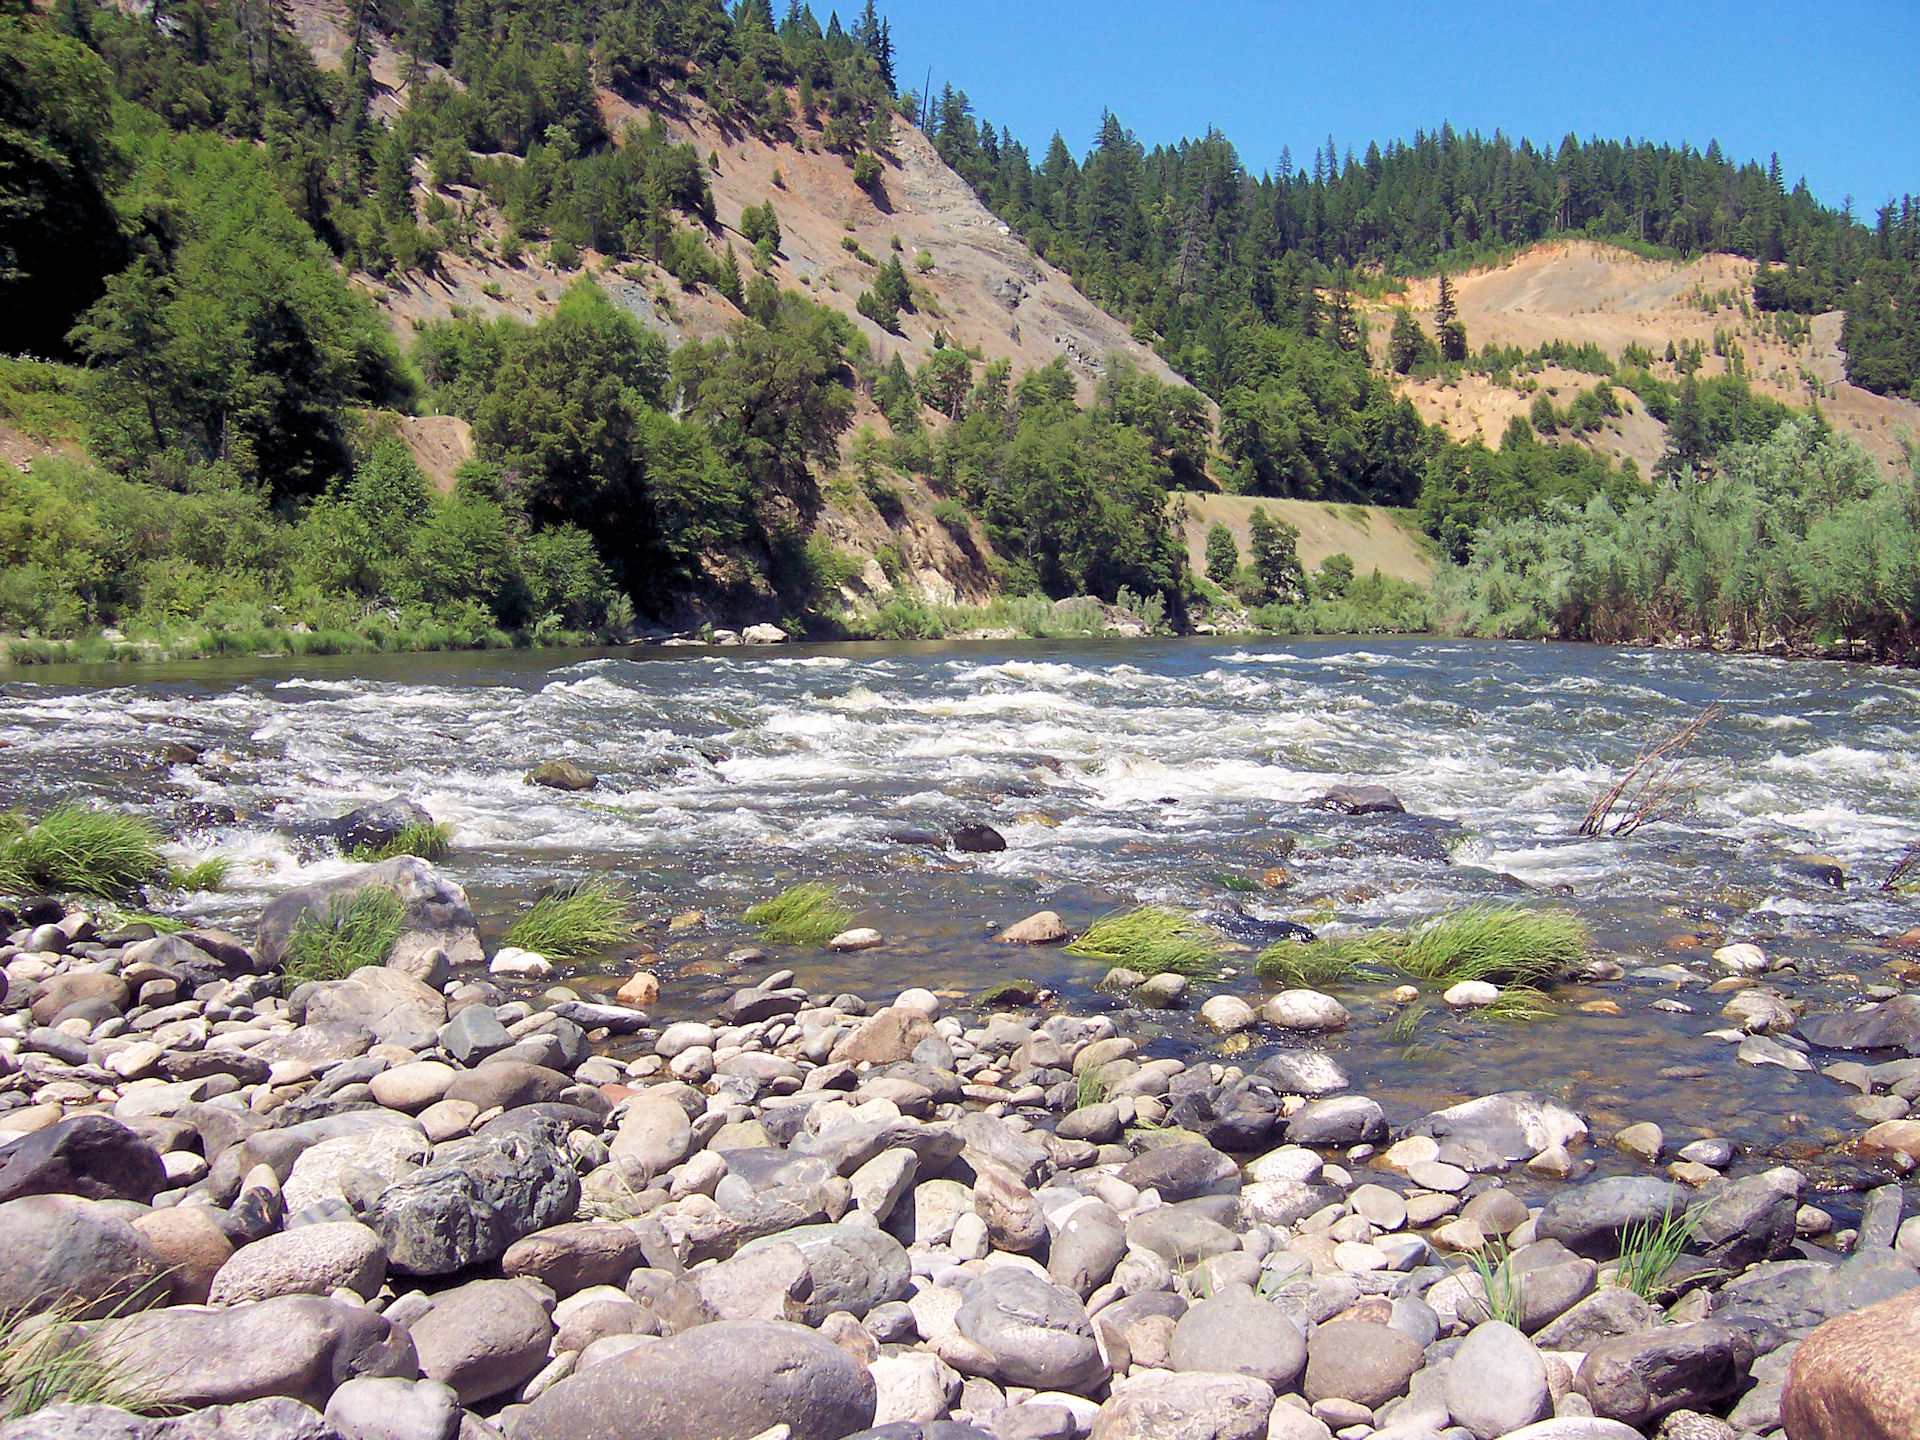 Klamath River Rapids - 2006